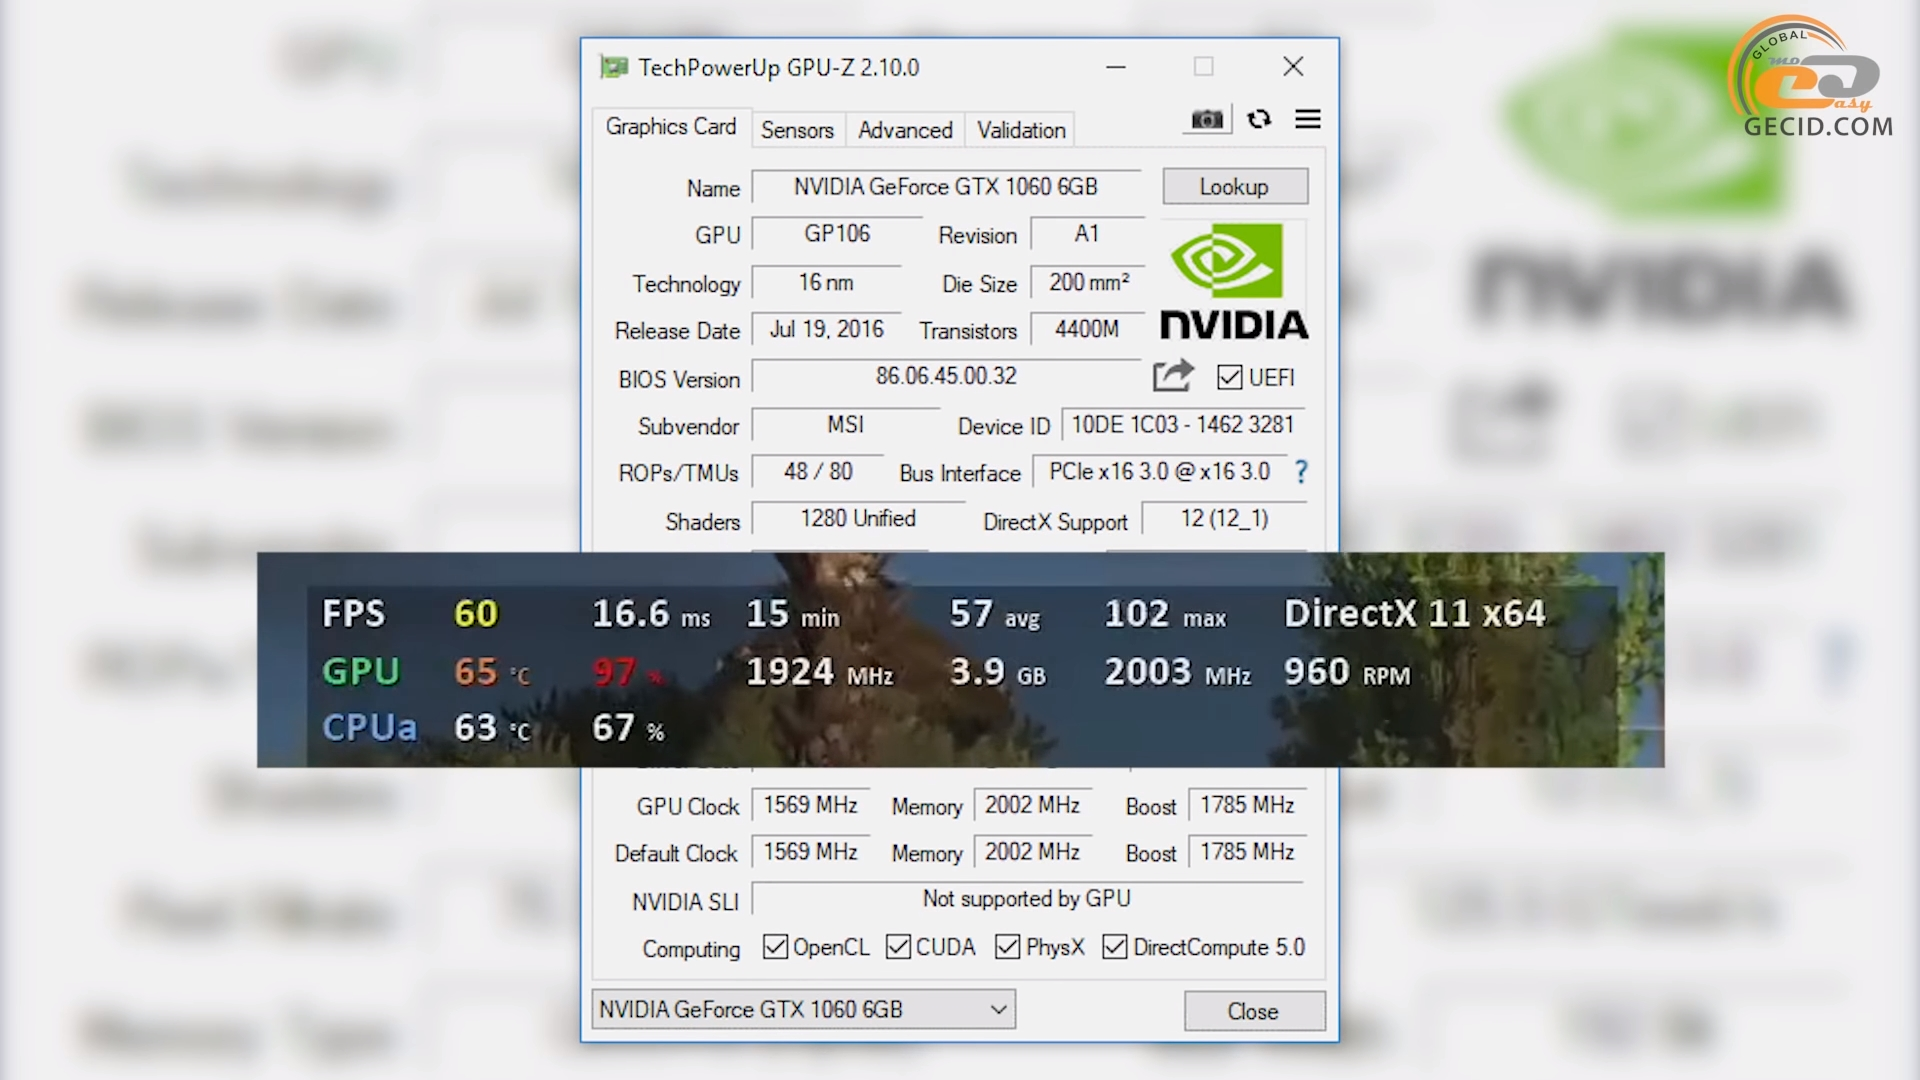 Геймплейное тестирование NVIDIA GeForce GTX 1060 6GB в 34 играх в